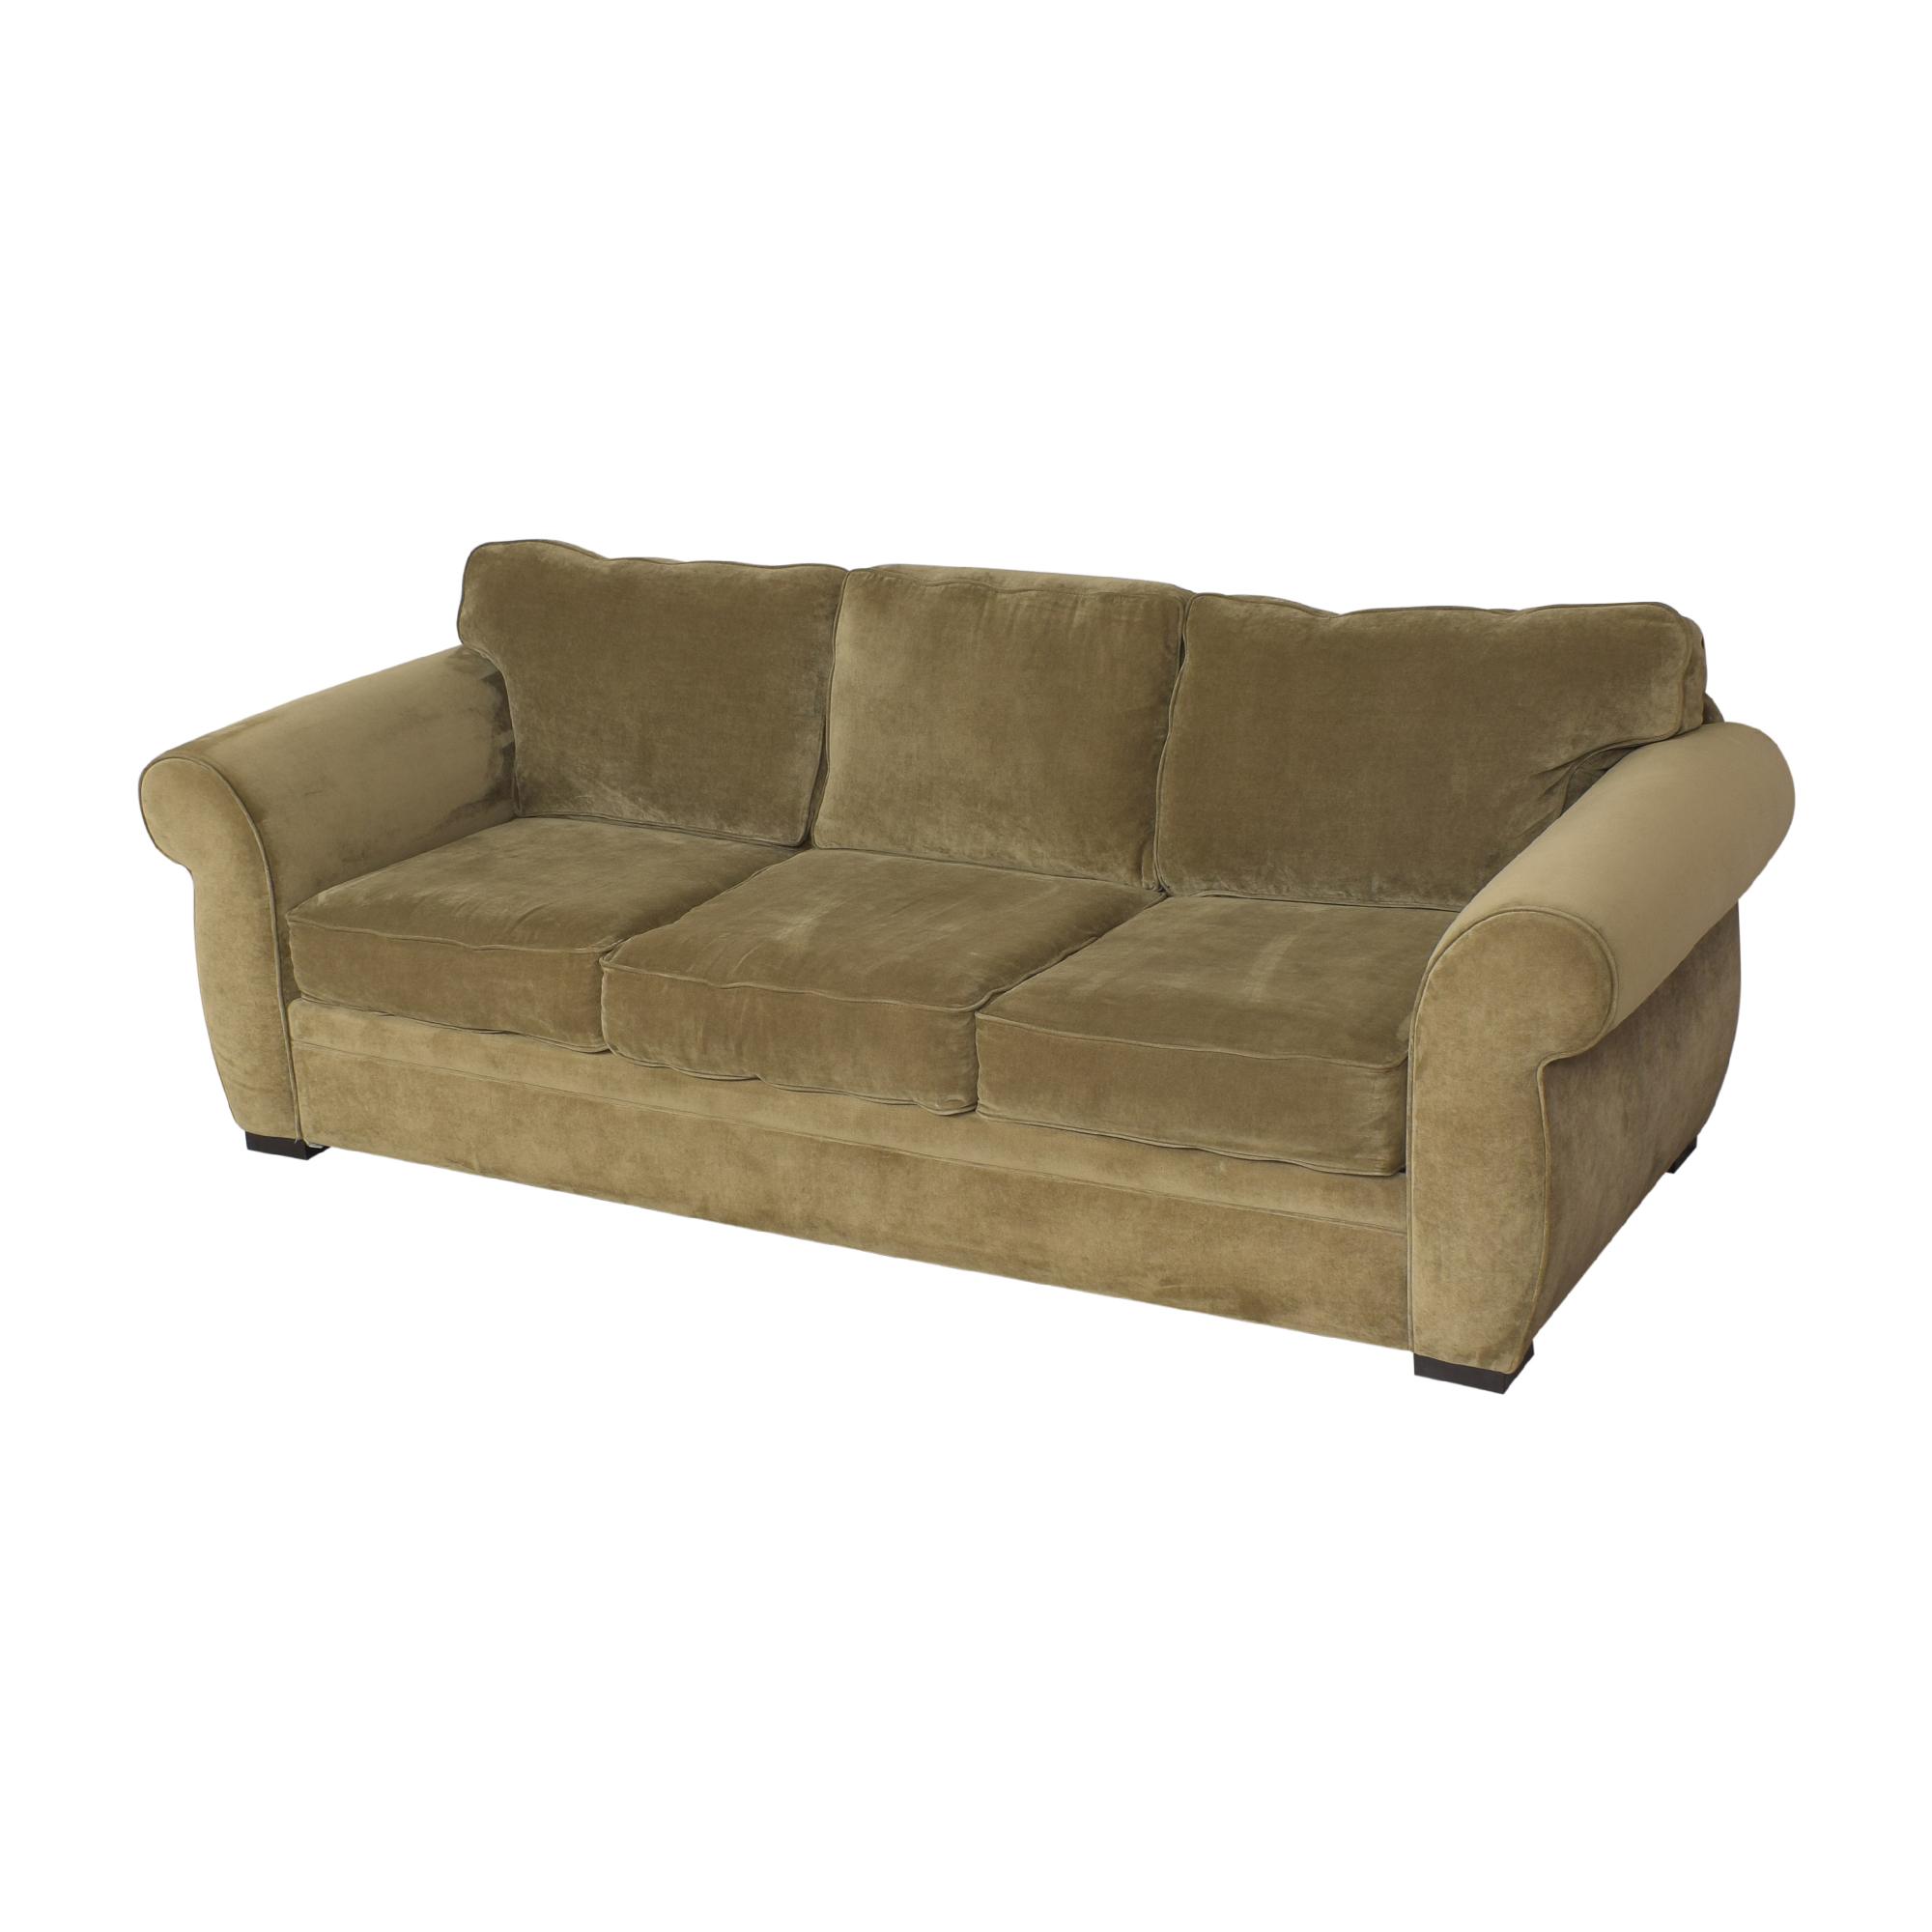 Macy's Macy's Three Cushion Sofa nyc